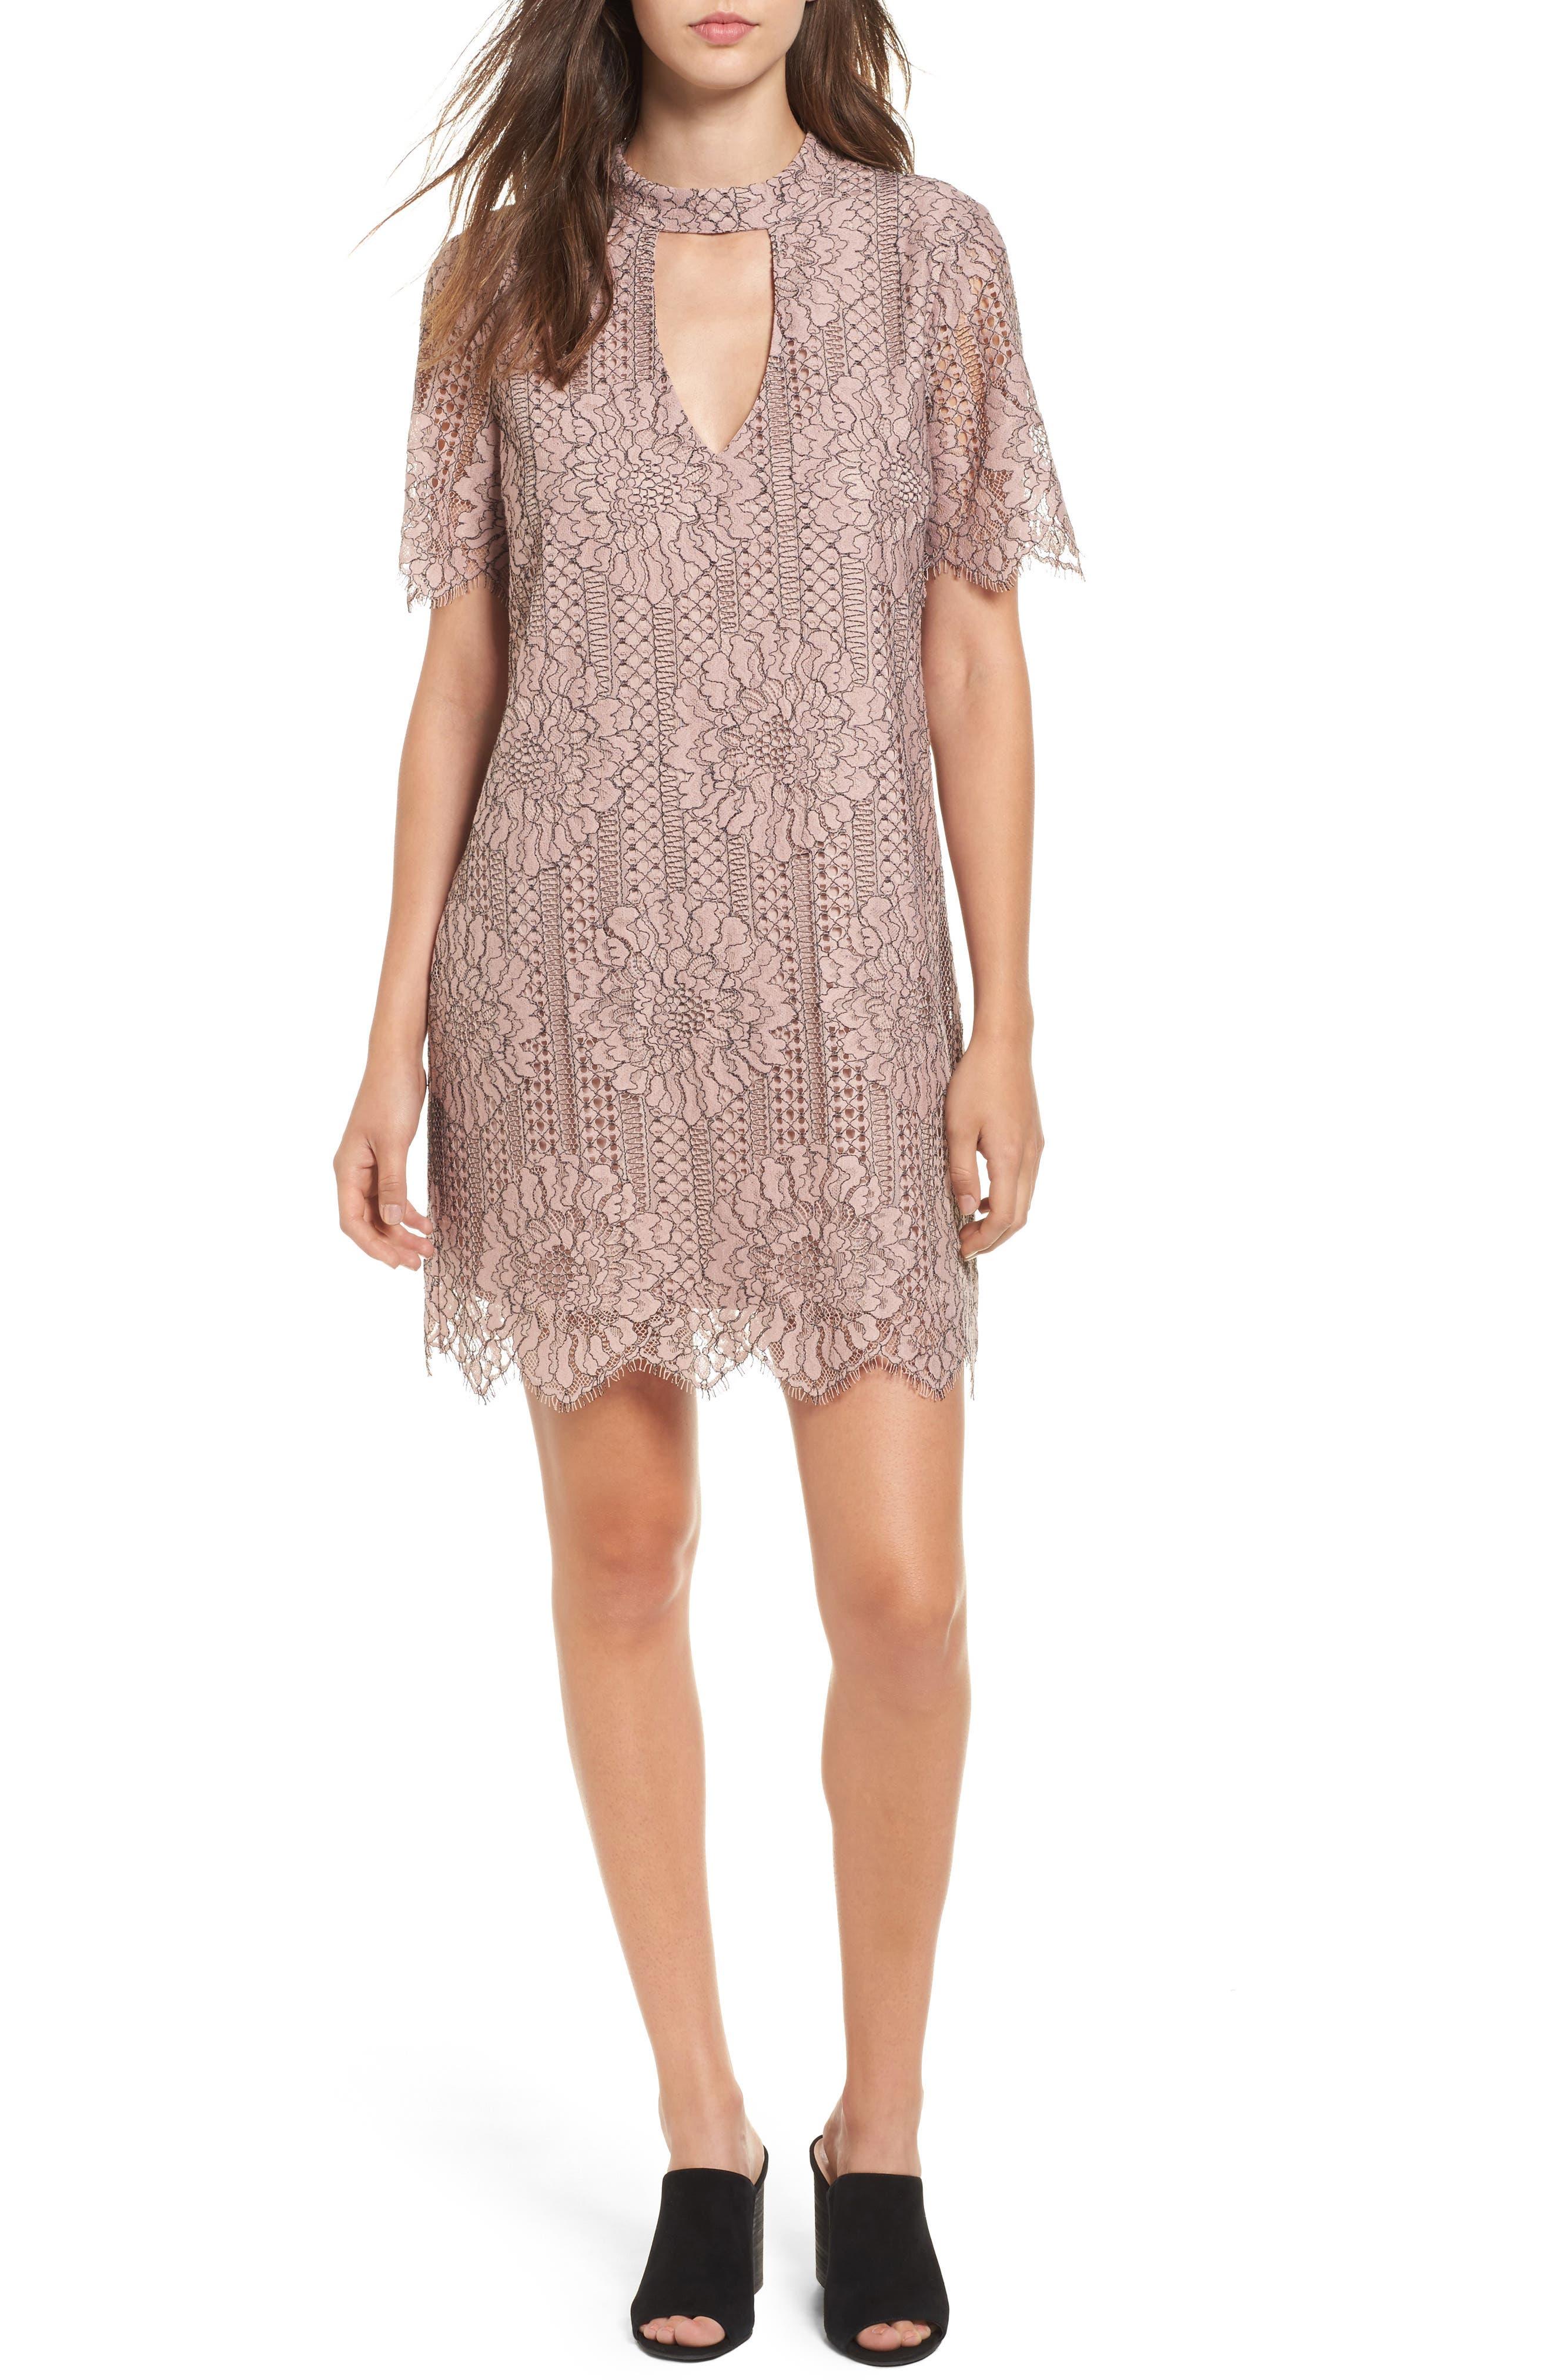 Socialite Choker Lace Shift Dress